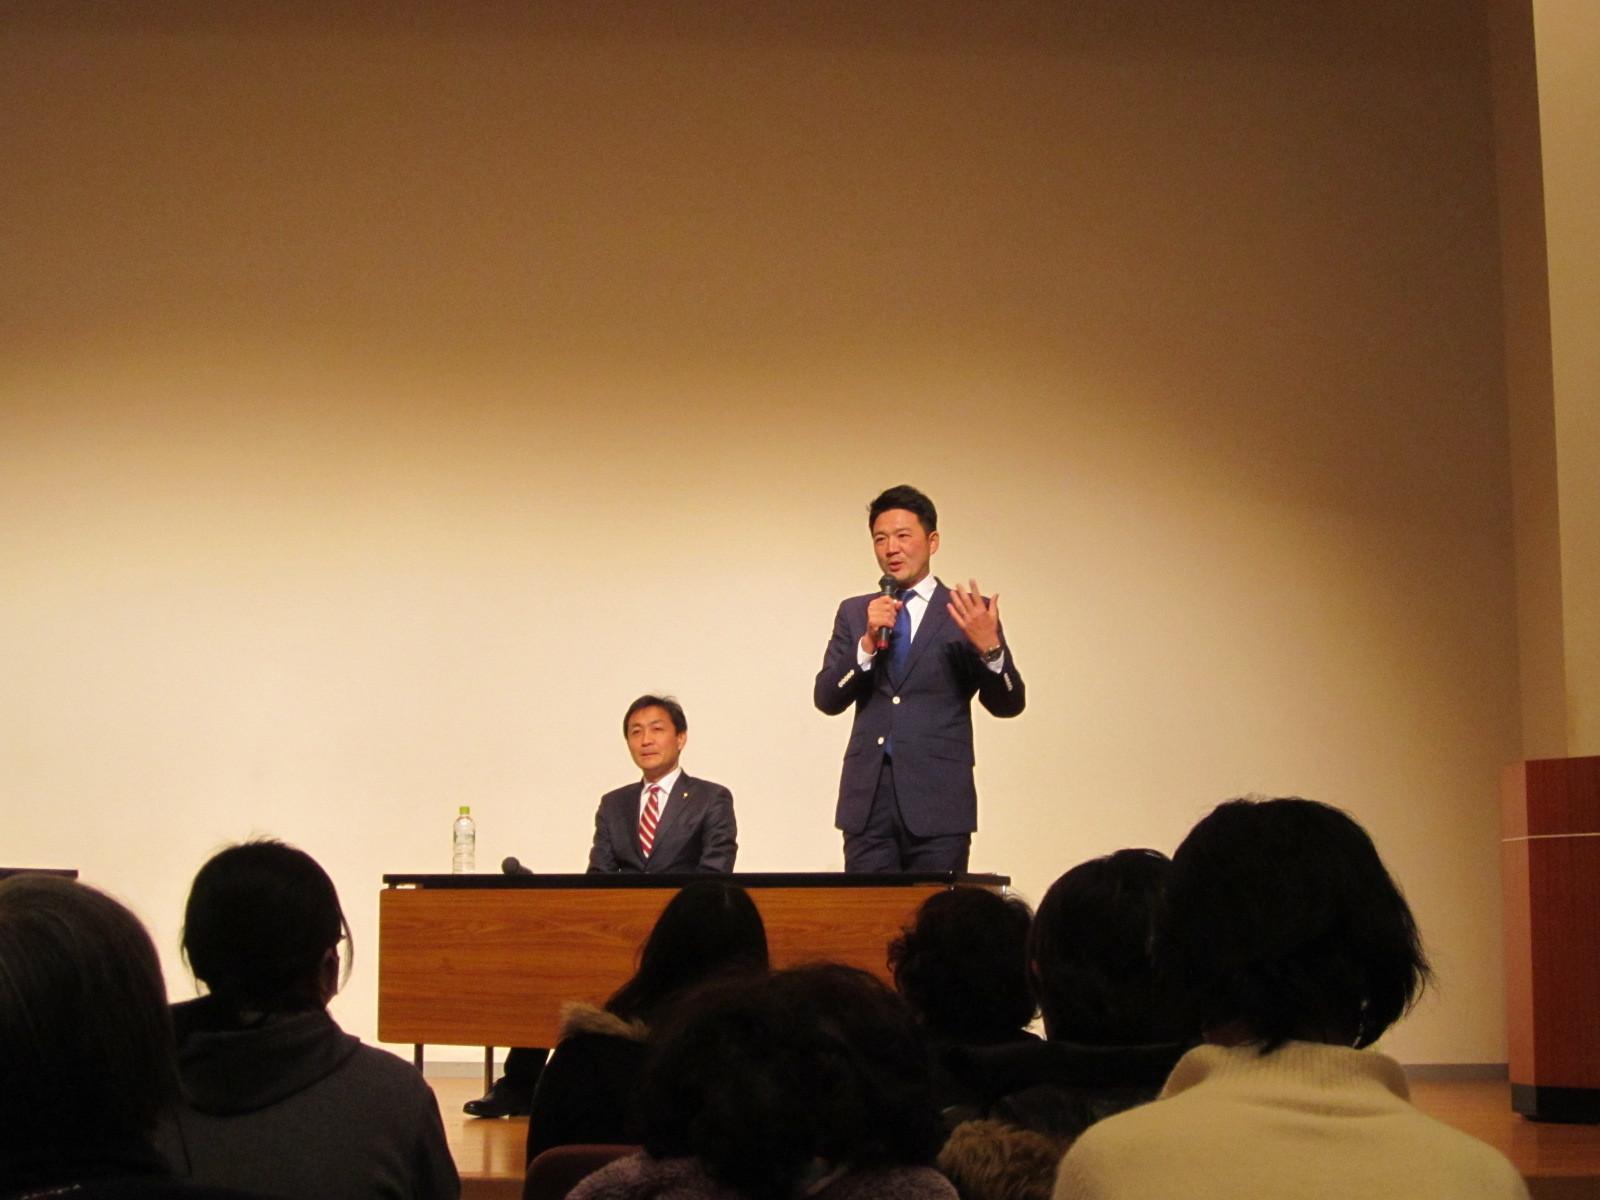 玉木雄一郎 & 関健一郎 講演会_c0189426_21213289.jpg